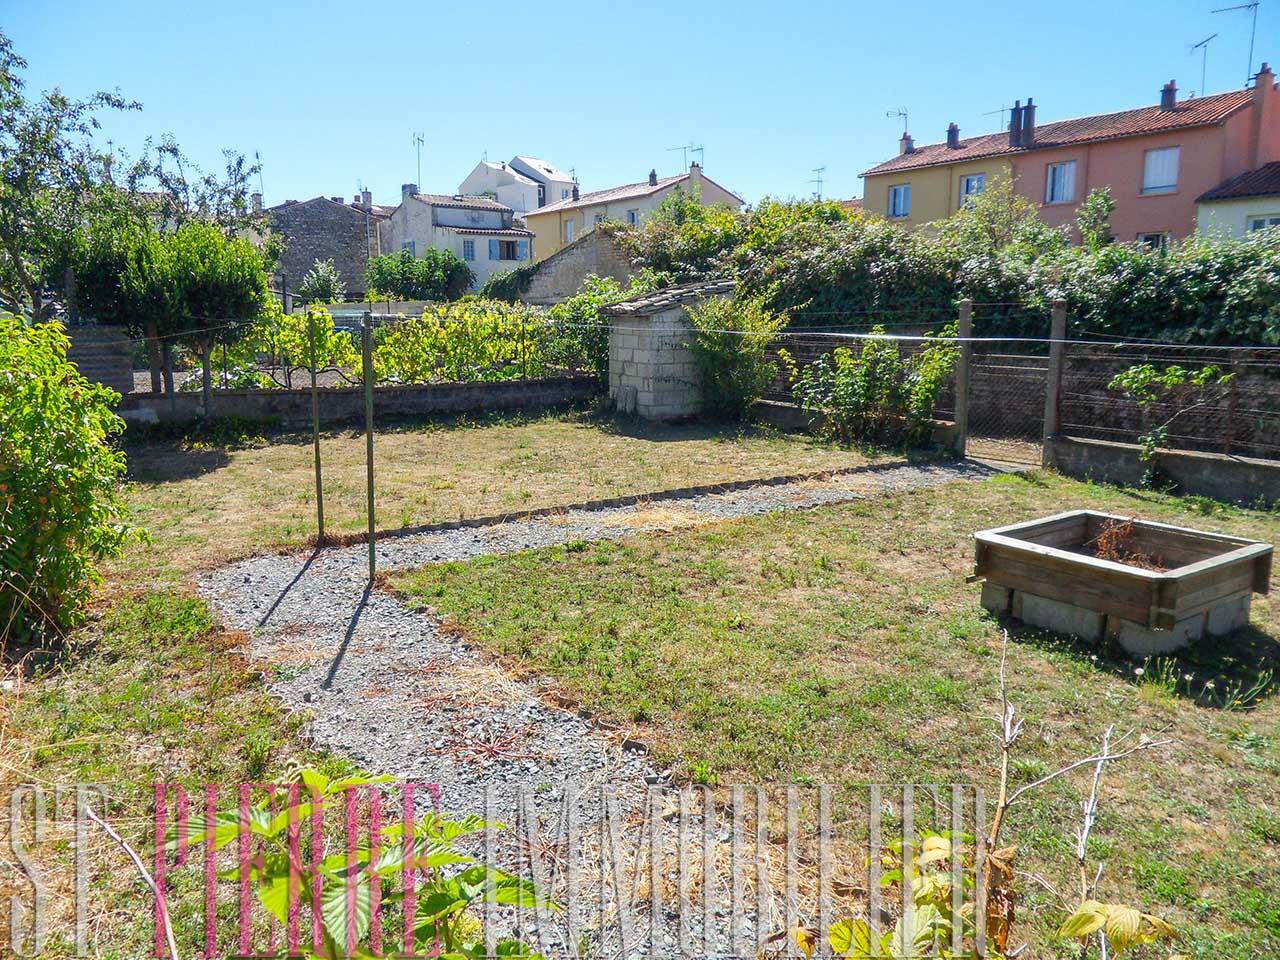 60 000 maison de ville avec garage et jardin niort st pierre immobilier niort - Piscine dans petit jardin de ville saint paul ...